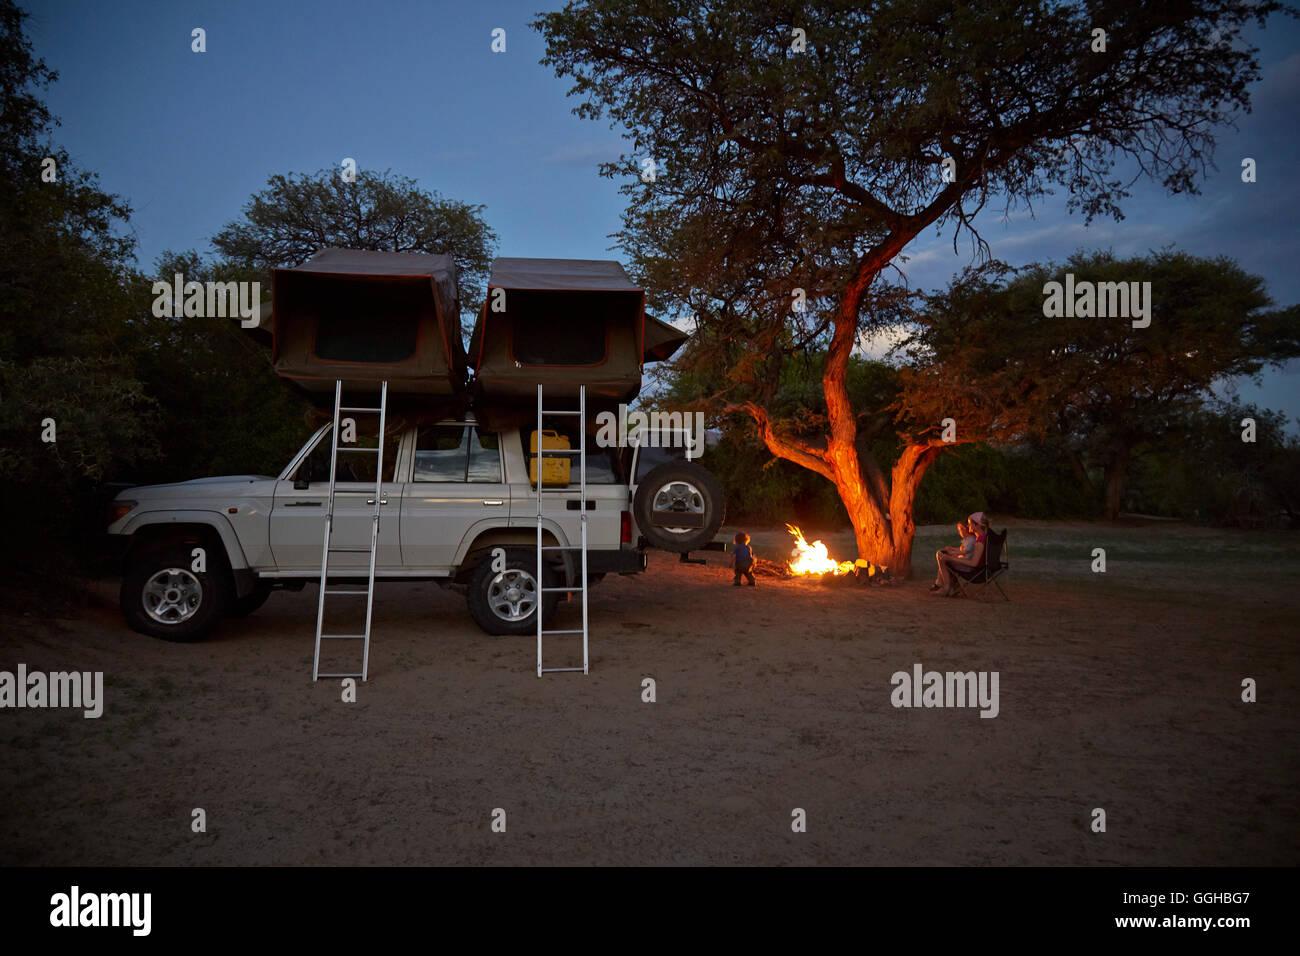 Familie um ein Lagerfeuer, Geländewagen mit Dachzelt im Vordergrund, Purros Camp, Hoarusib, Namib-Wüste, Stockbild